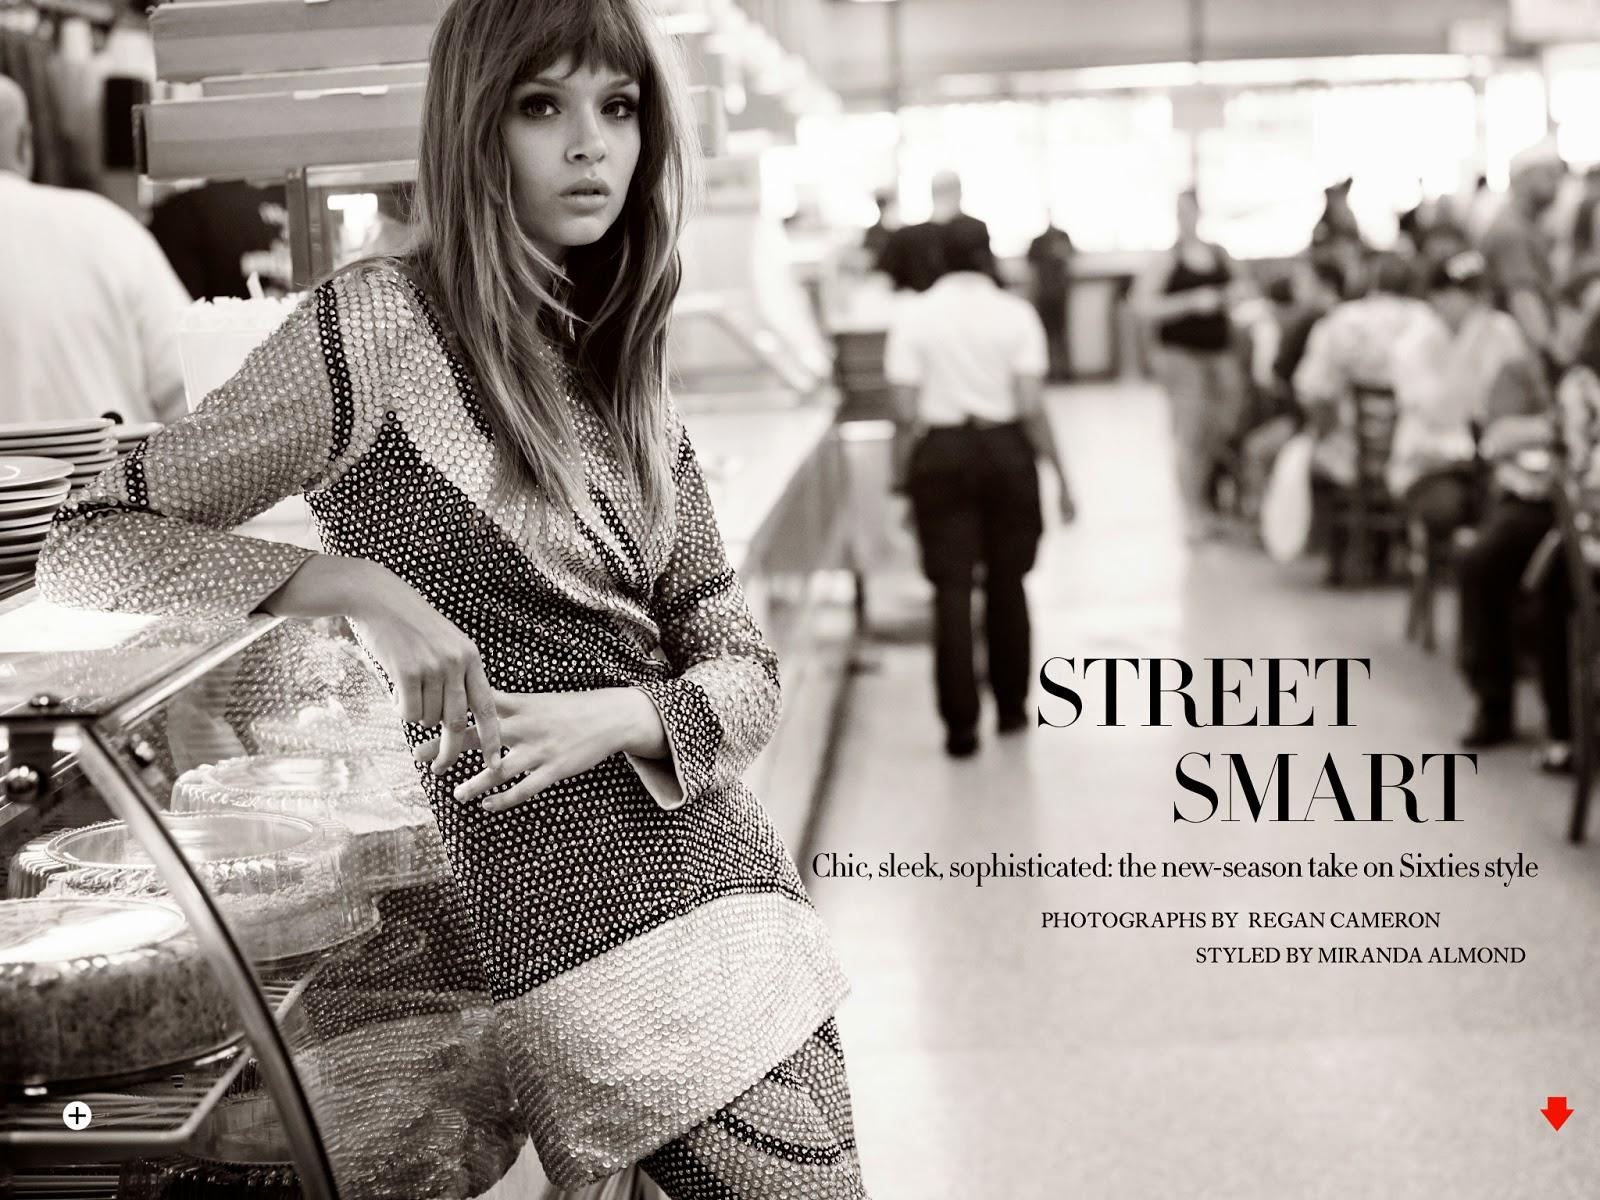 Josephine-Skiver-by-Regan-Cameron-for-Harper's-Bazaar-UK-September-2014.jpg